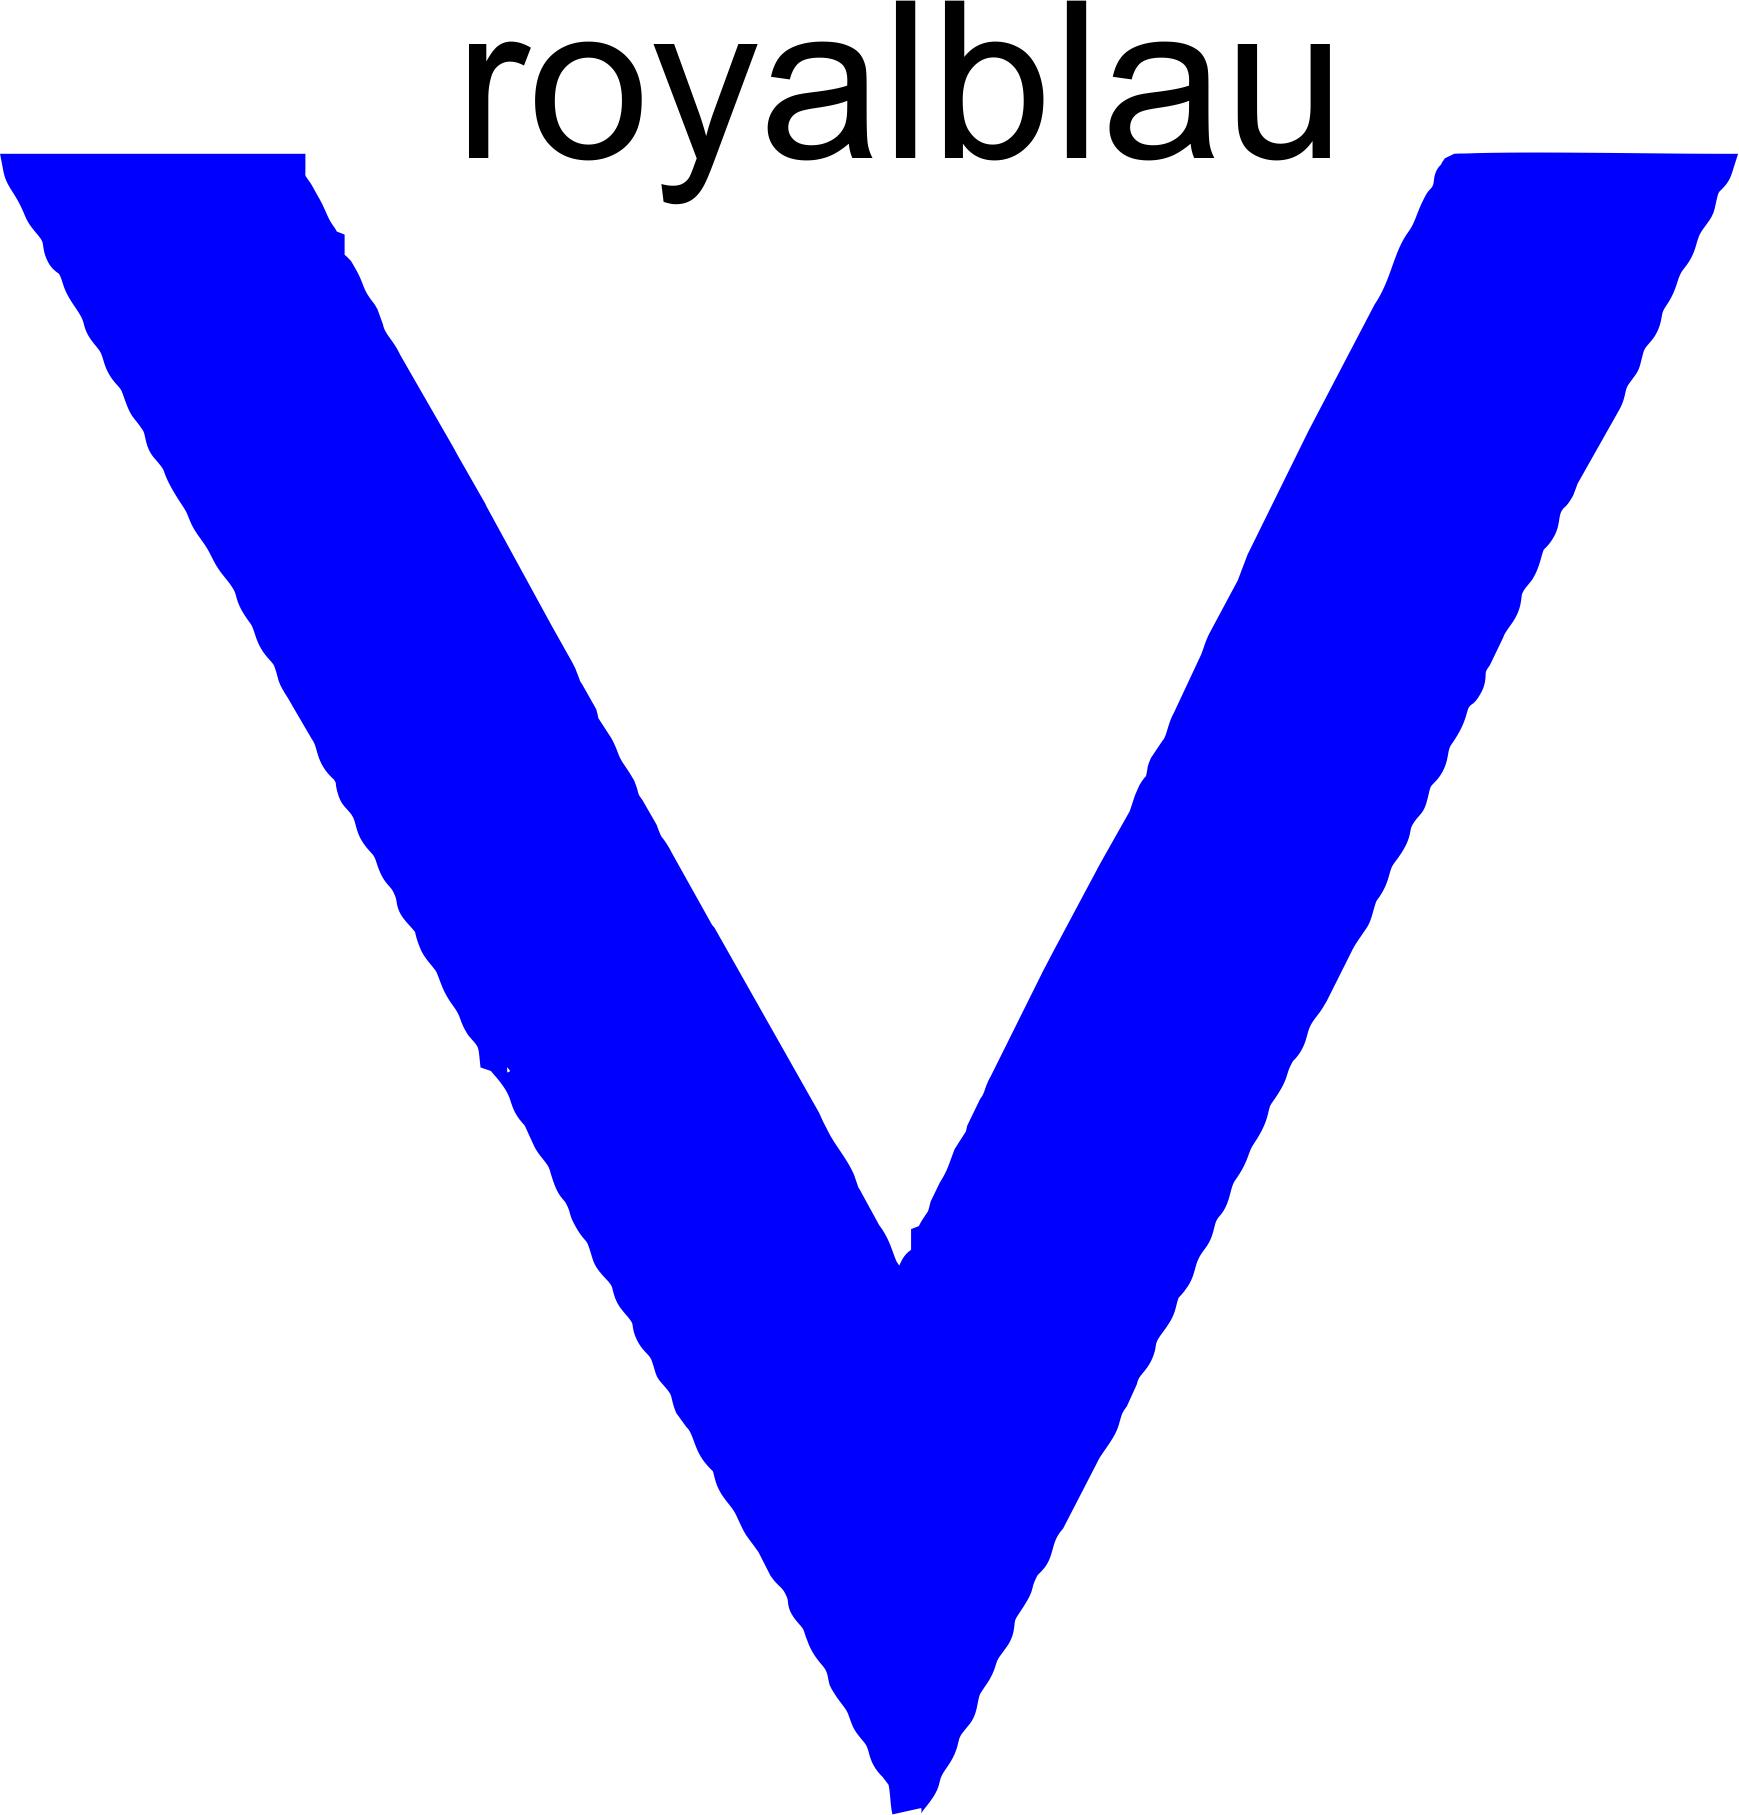 royalblau6Df7709Hi9B0x